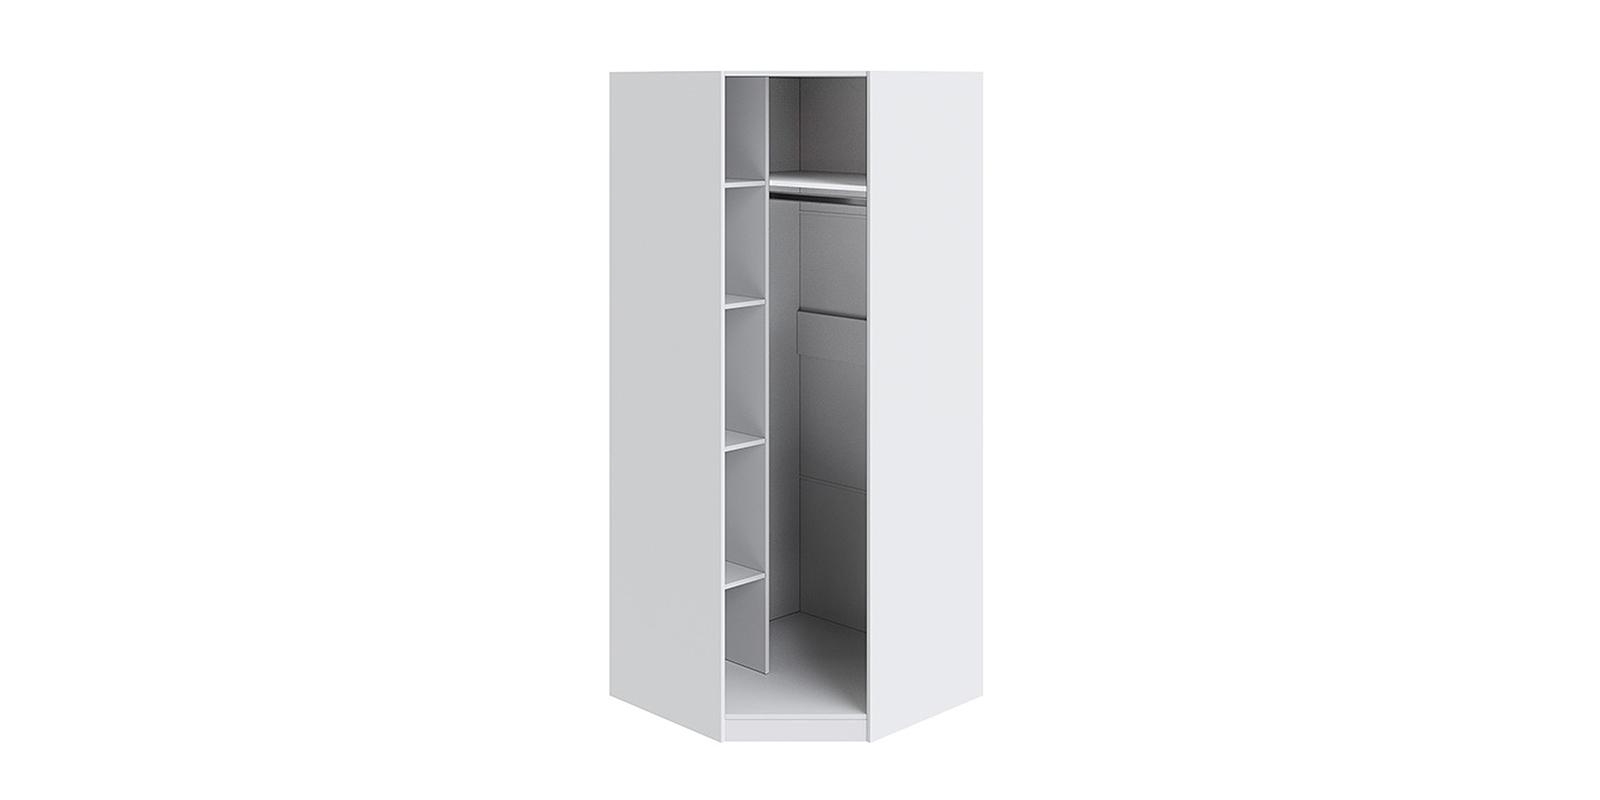 Шкаф распашной угловой Мерида вариант №3 (белый/зеркало)